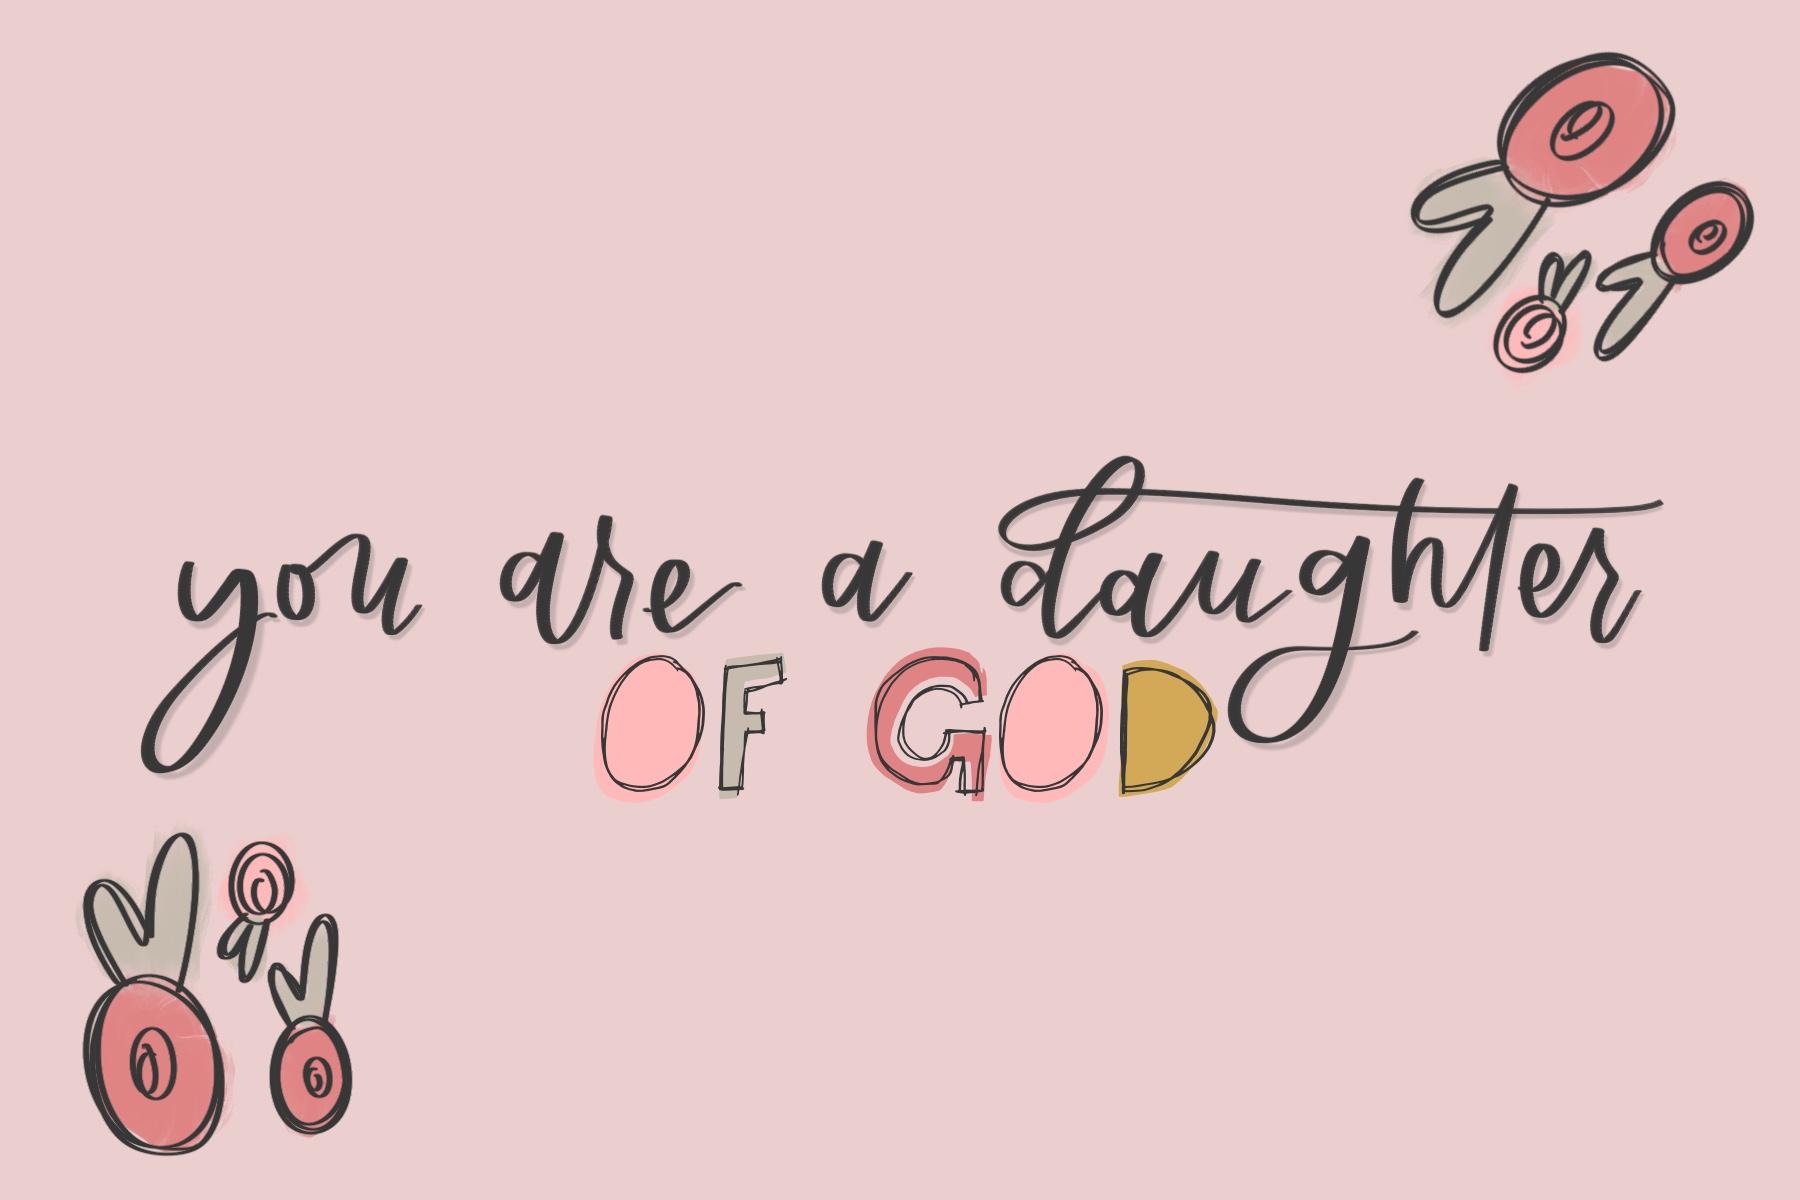 FWT daughter of God.jpg